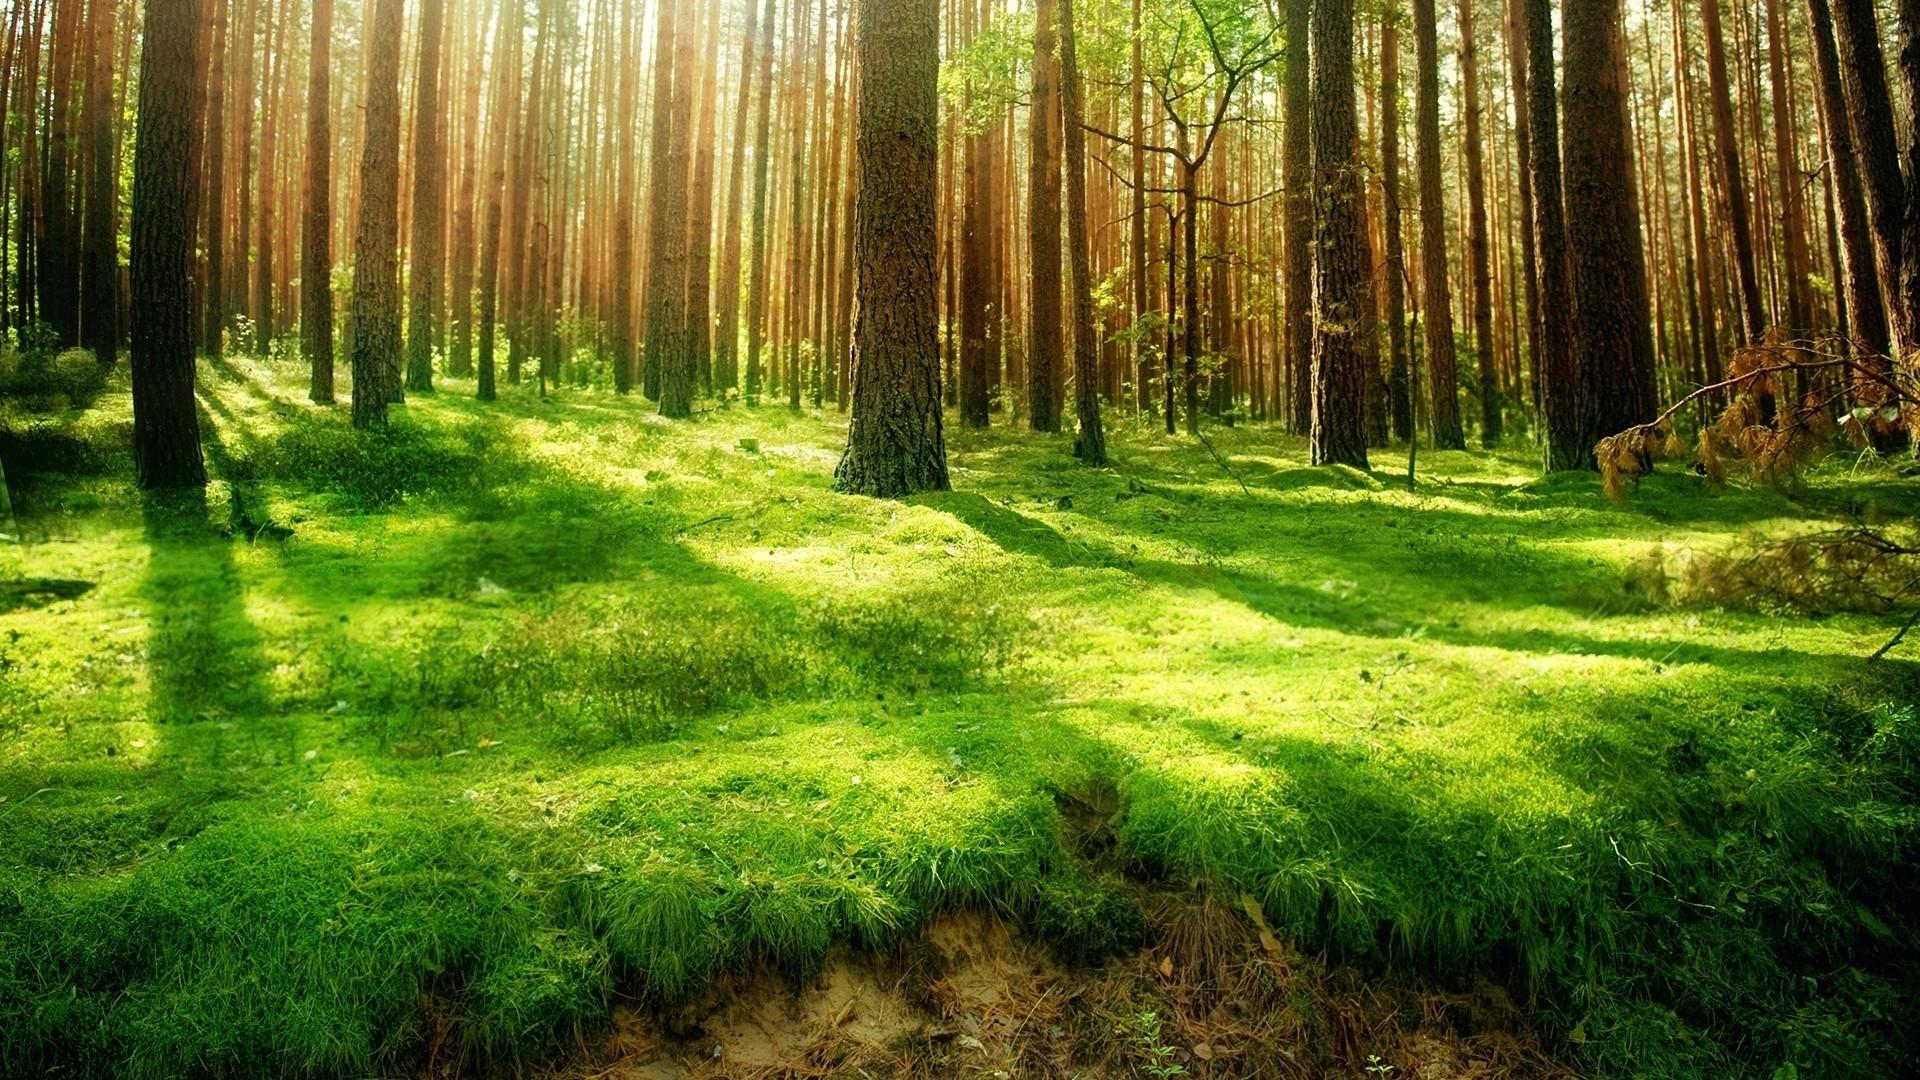 Imagenes Naturaleza Hd En Hd Gratis Para Descargar 6 HD Wallpapers